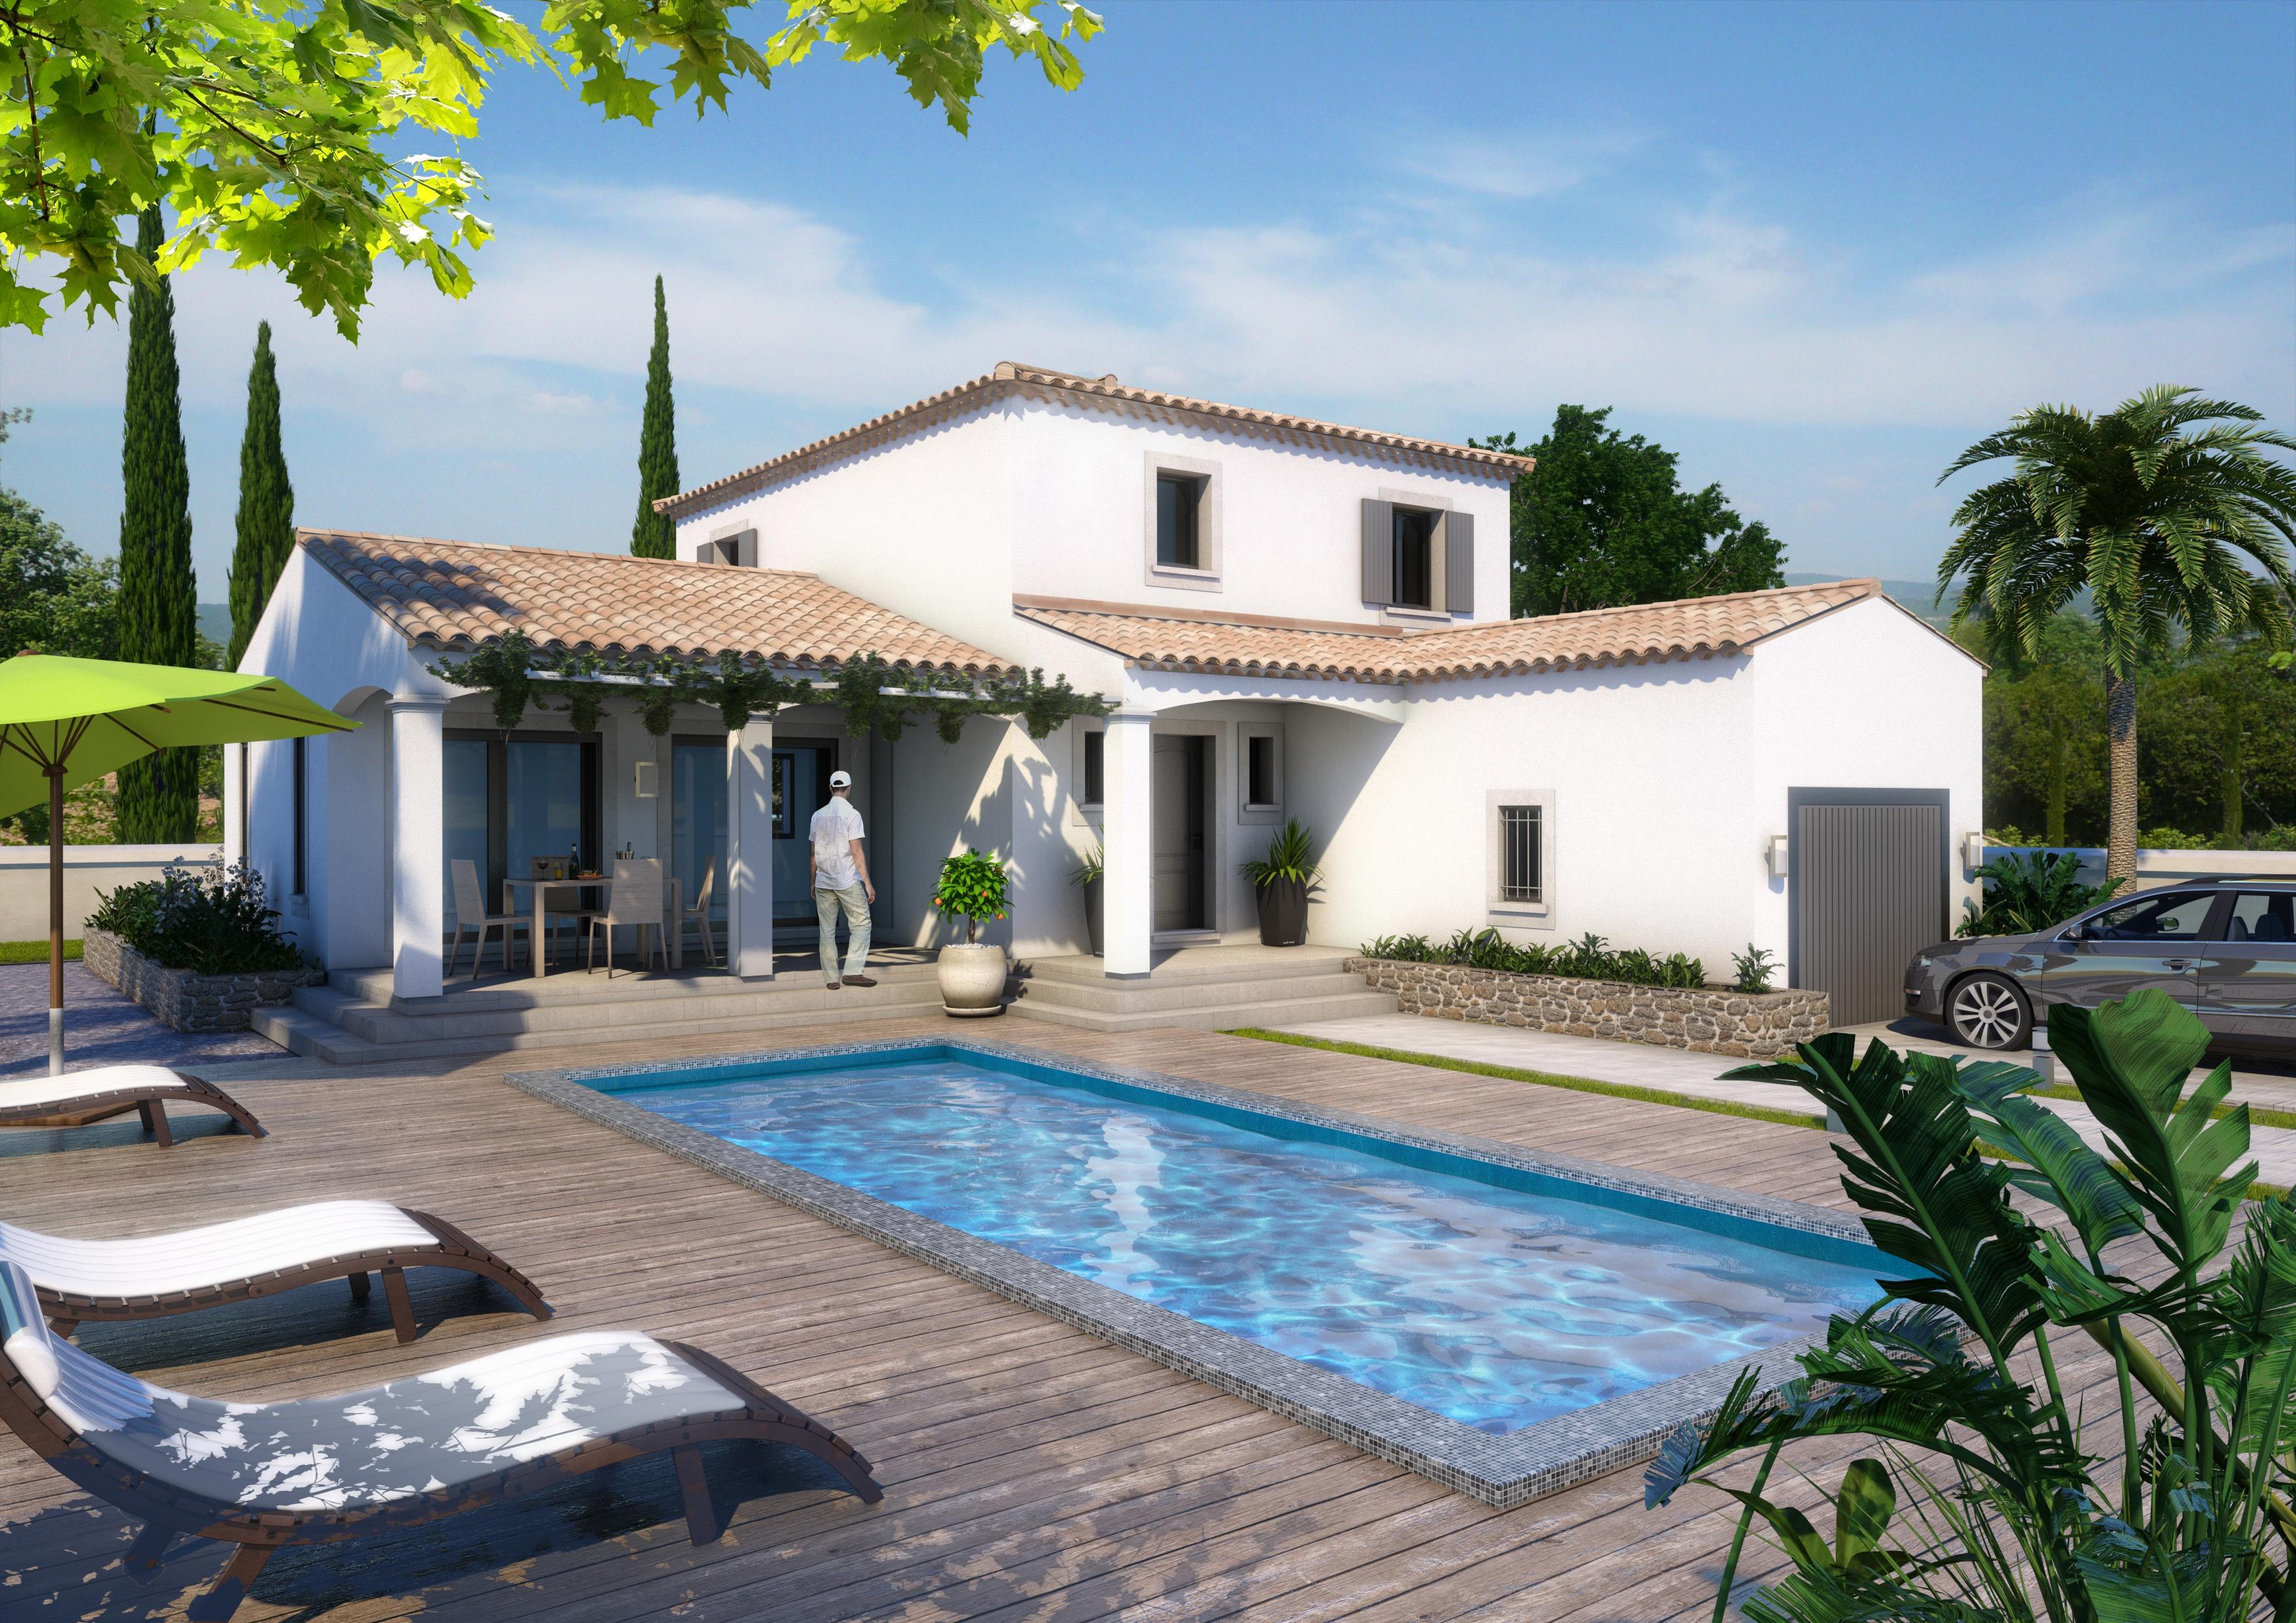 Maisons + Terrains du constructeur ART ET TRADITION MEDITERRANEE • 150 m² • L'ISLE SUR LA SORGUE